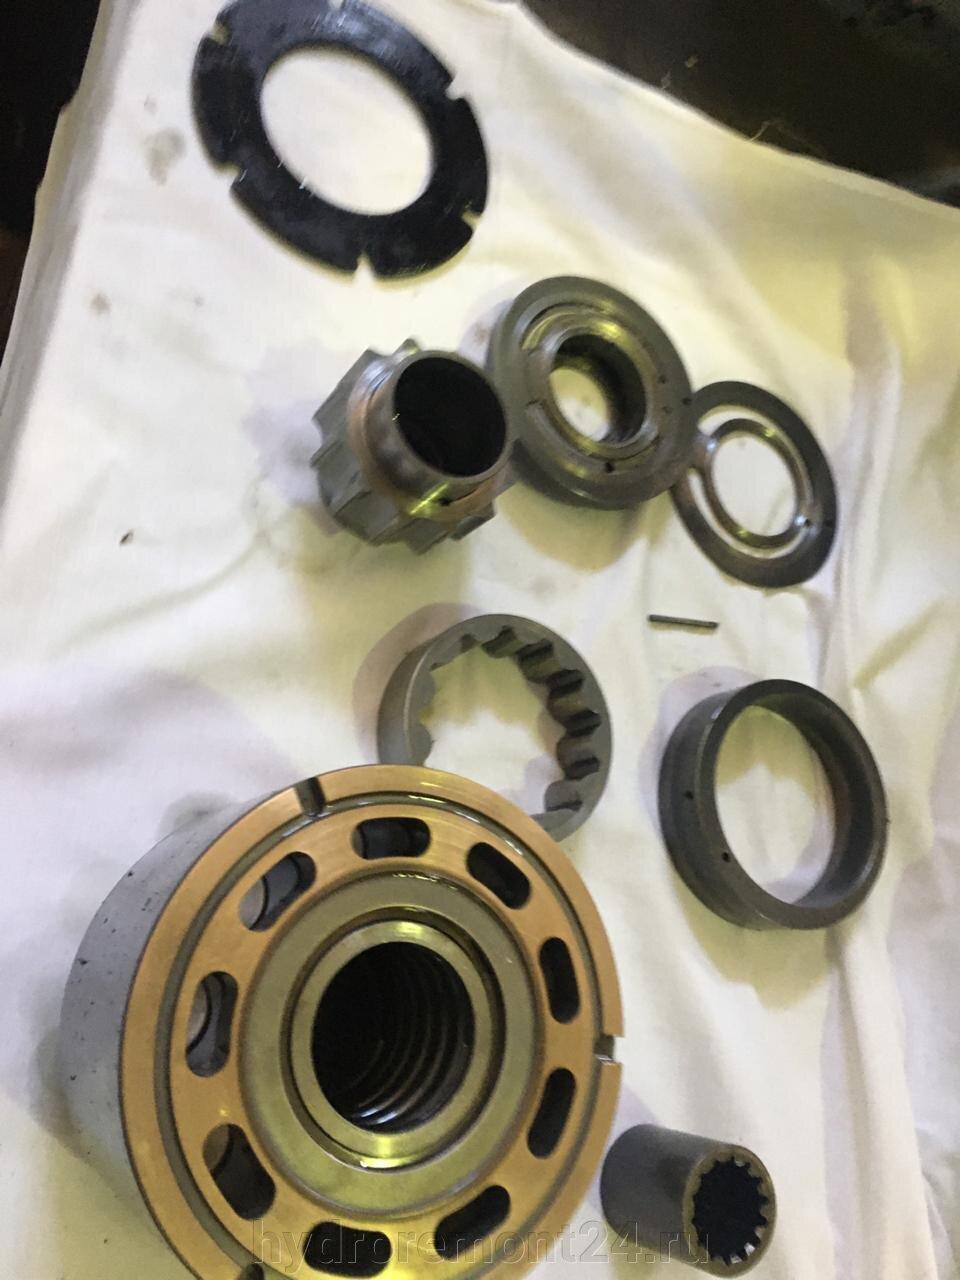 Ремонт гидромоторов Sauer Danfoss 51V160 - фото pic_6a9ac2b4e713165ce23983f628a4989b_1920x9000_1.jpg